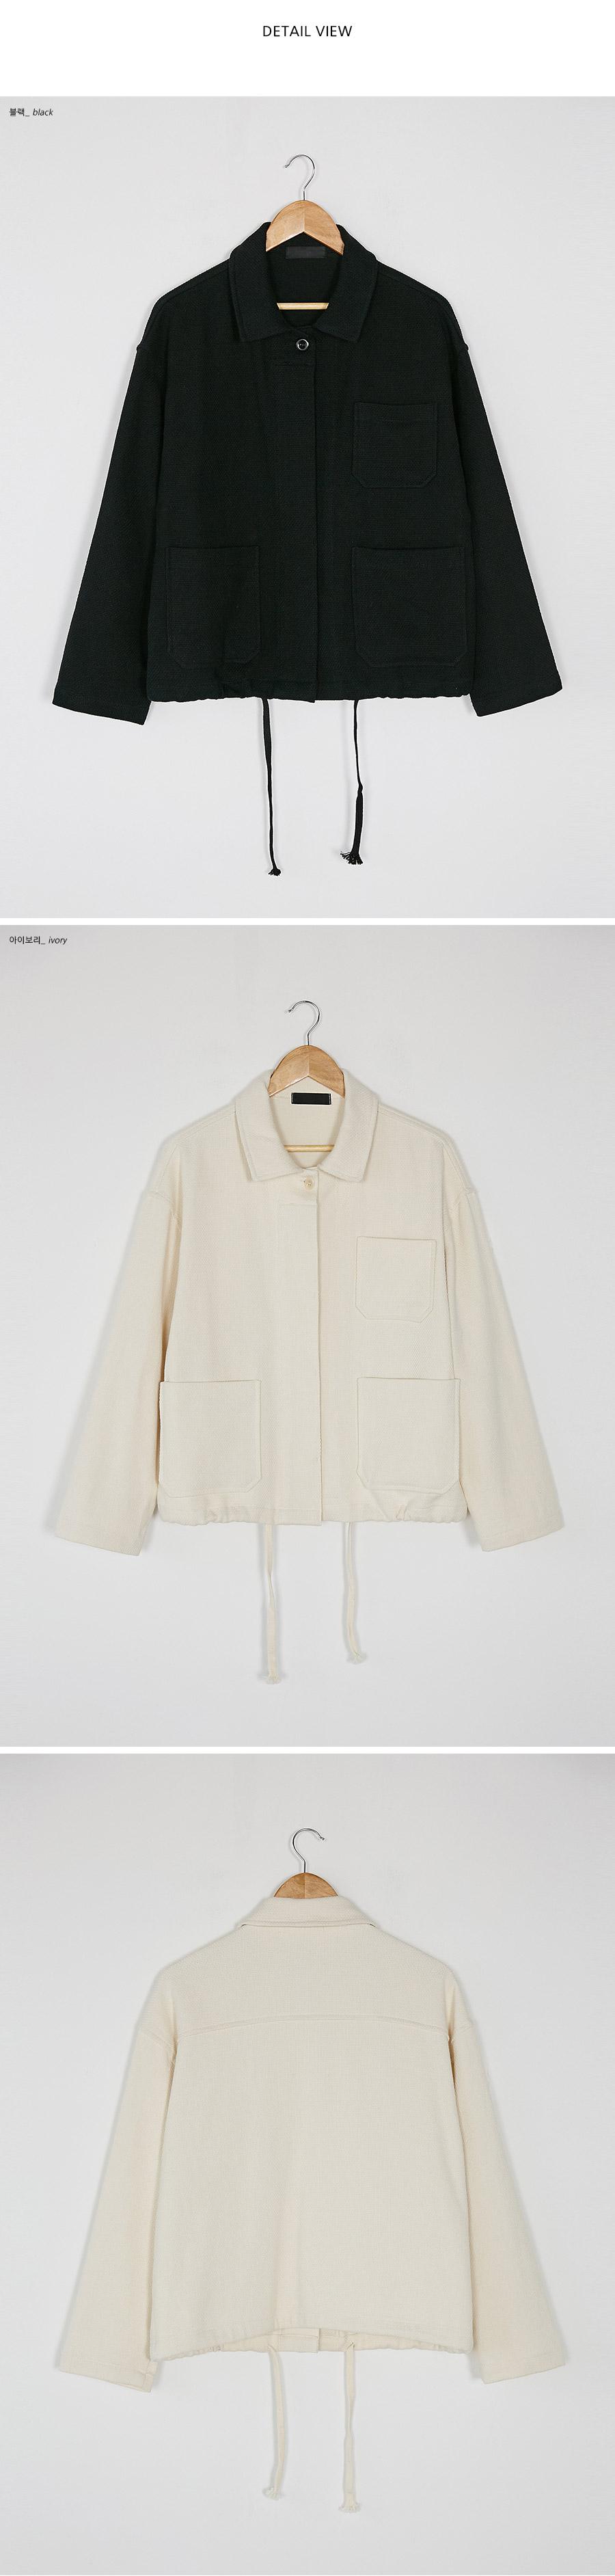 loose fit pocket jacket